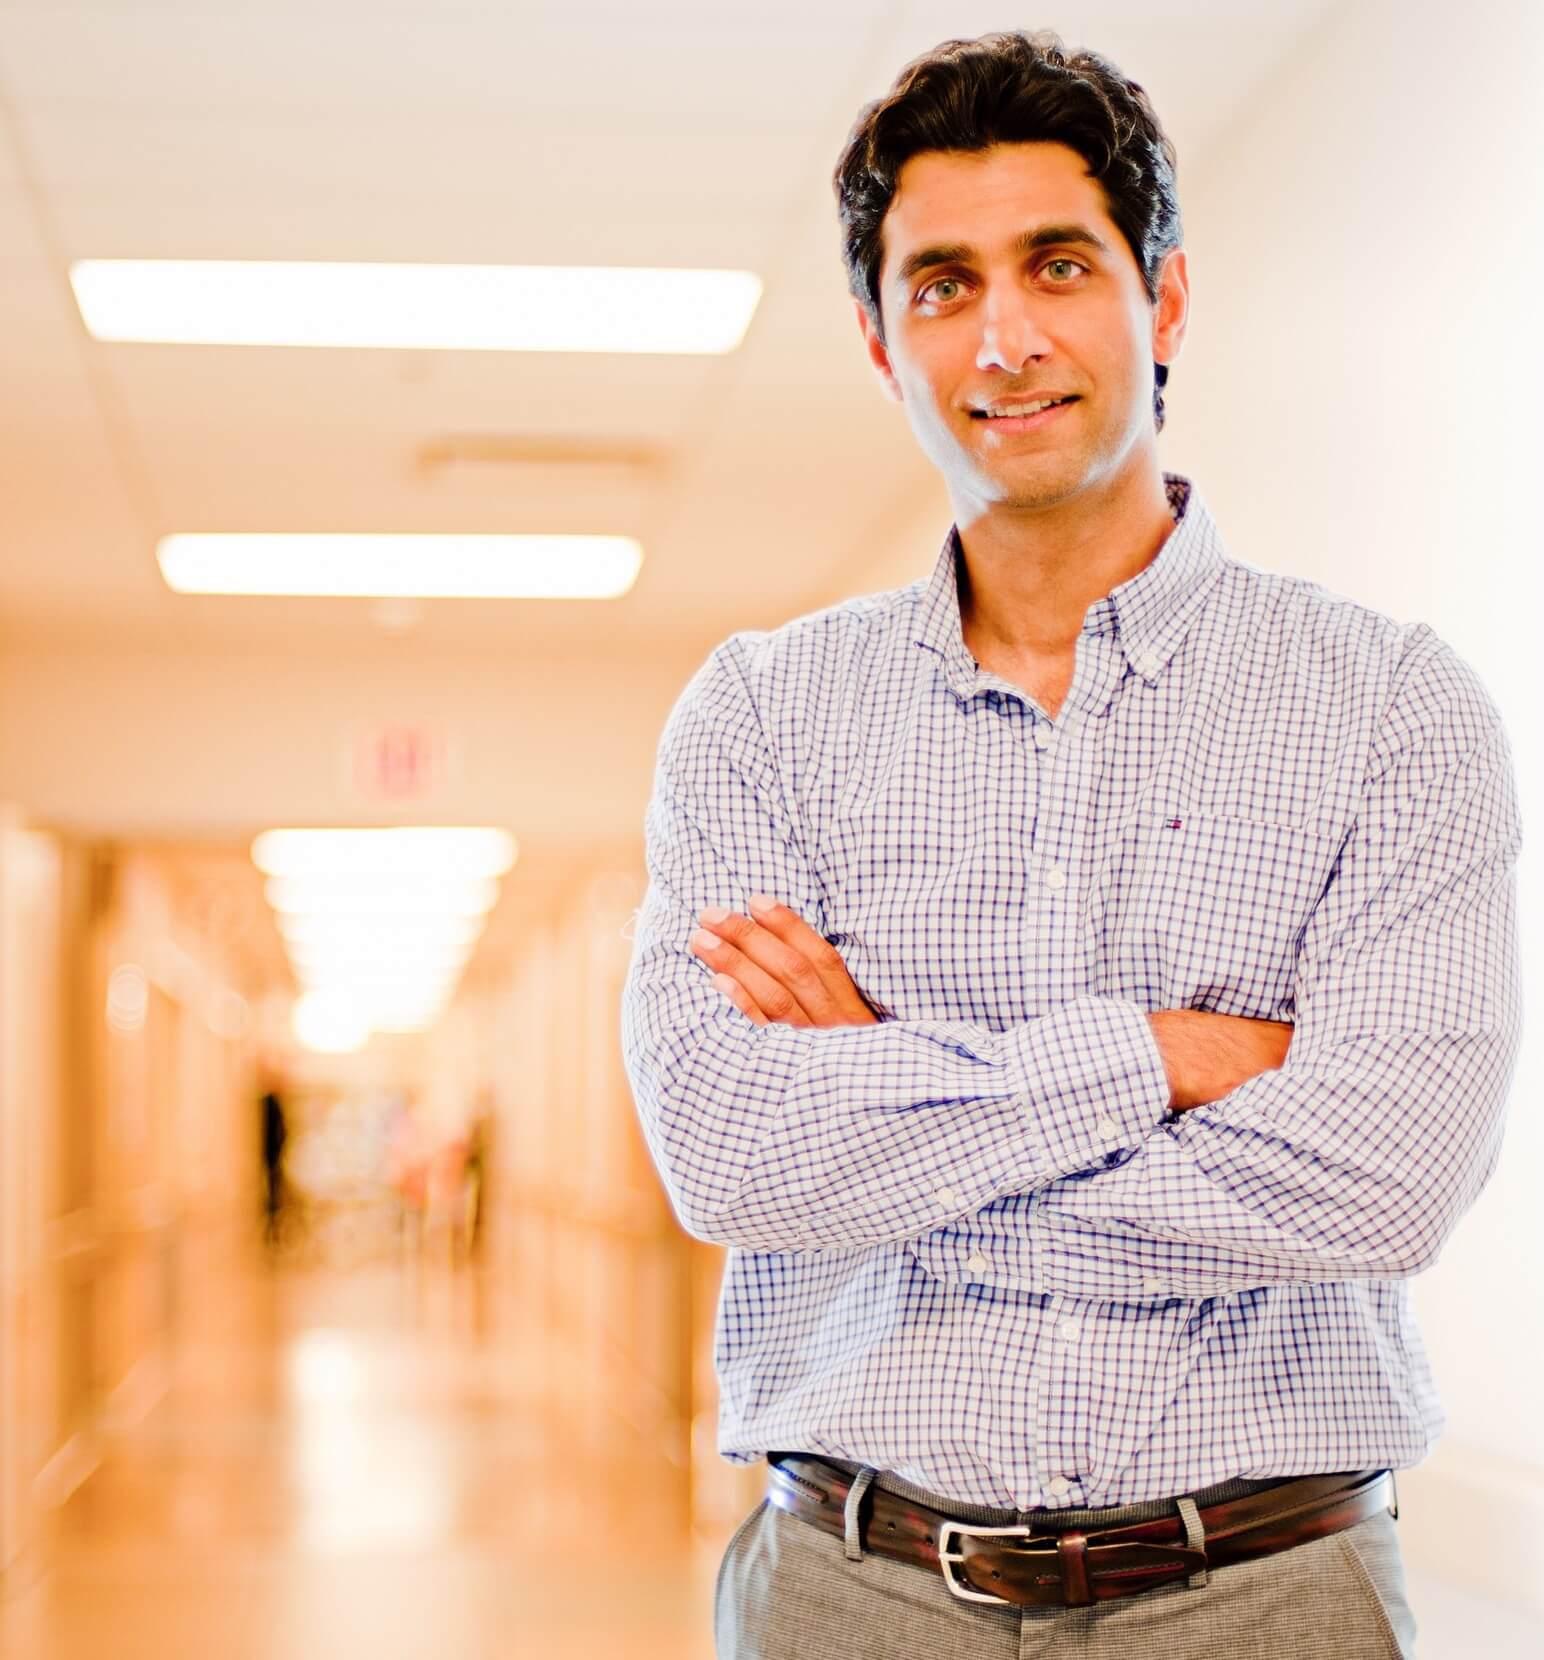 Dr. Kashif